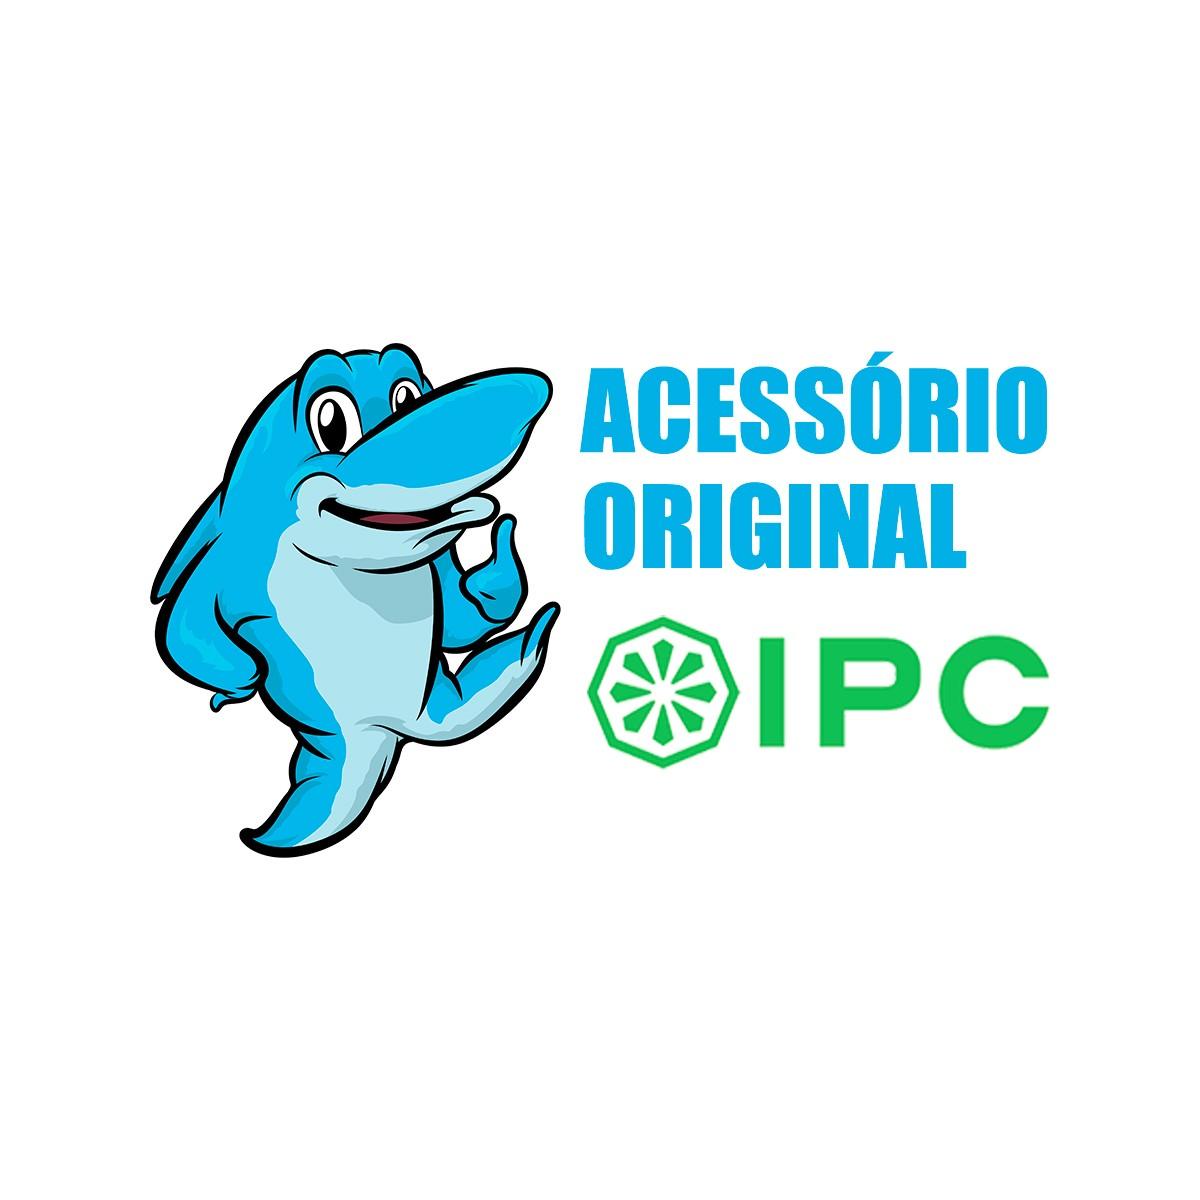 Adaptador de Mangueira D38 Original IPC para Aspiradores